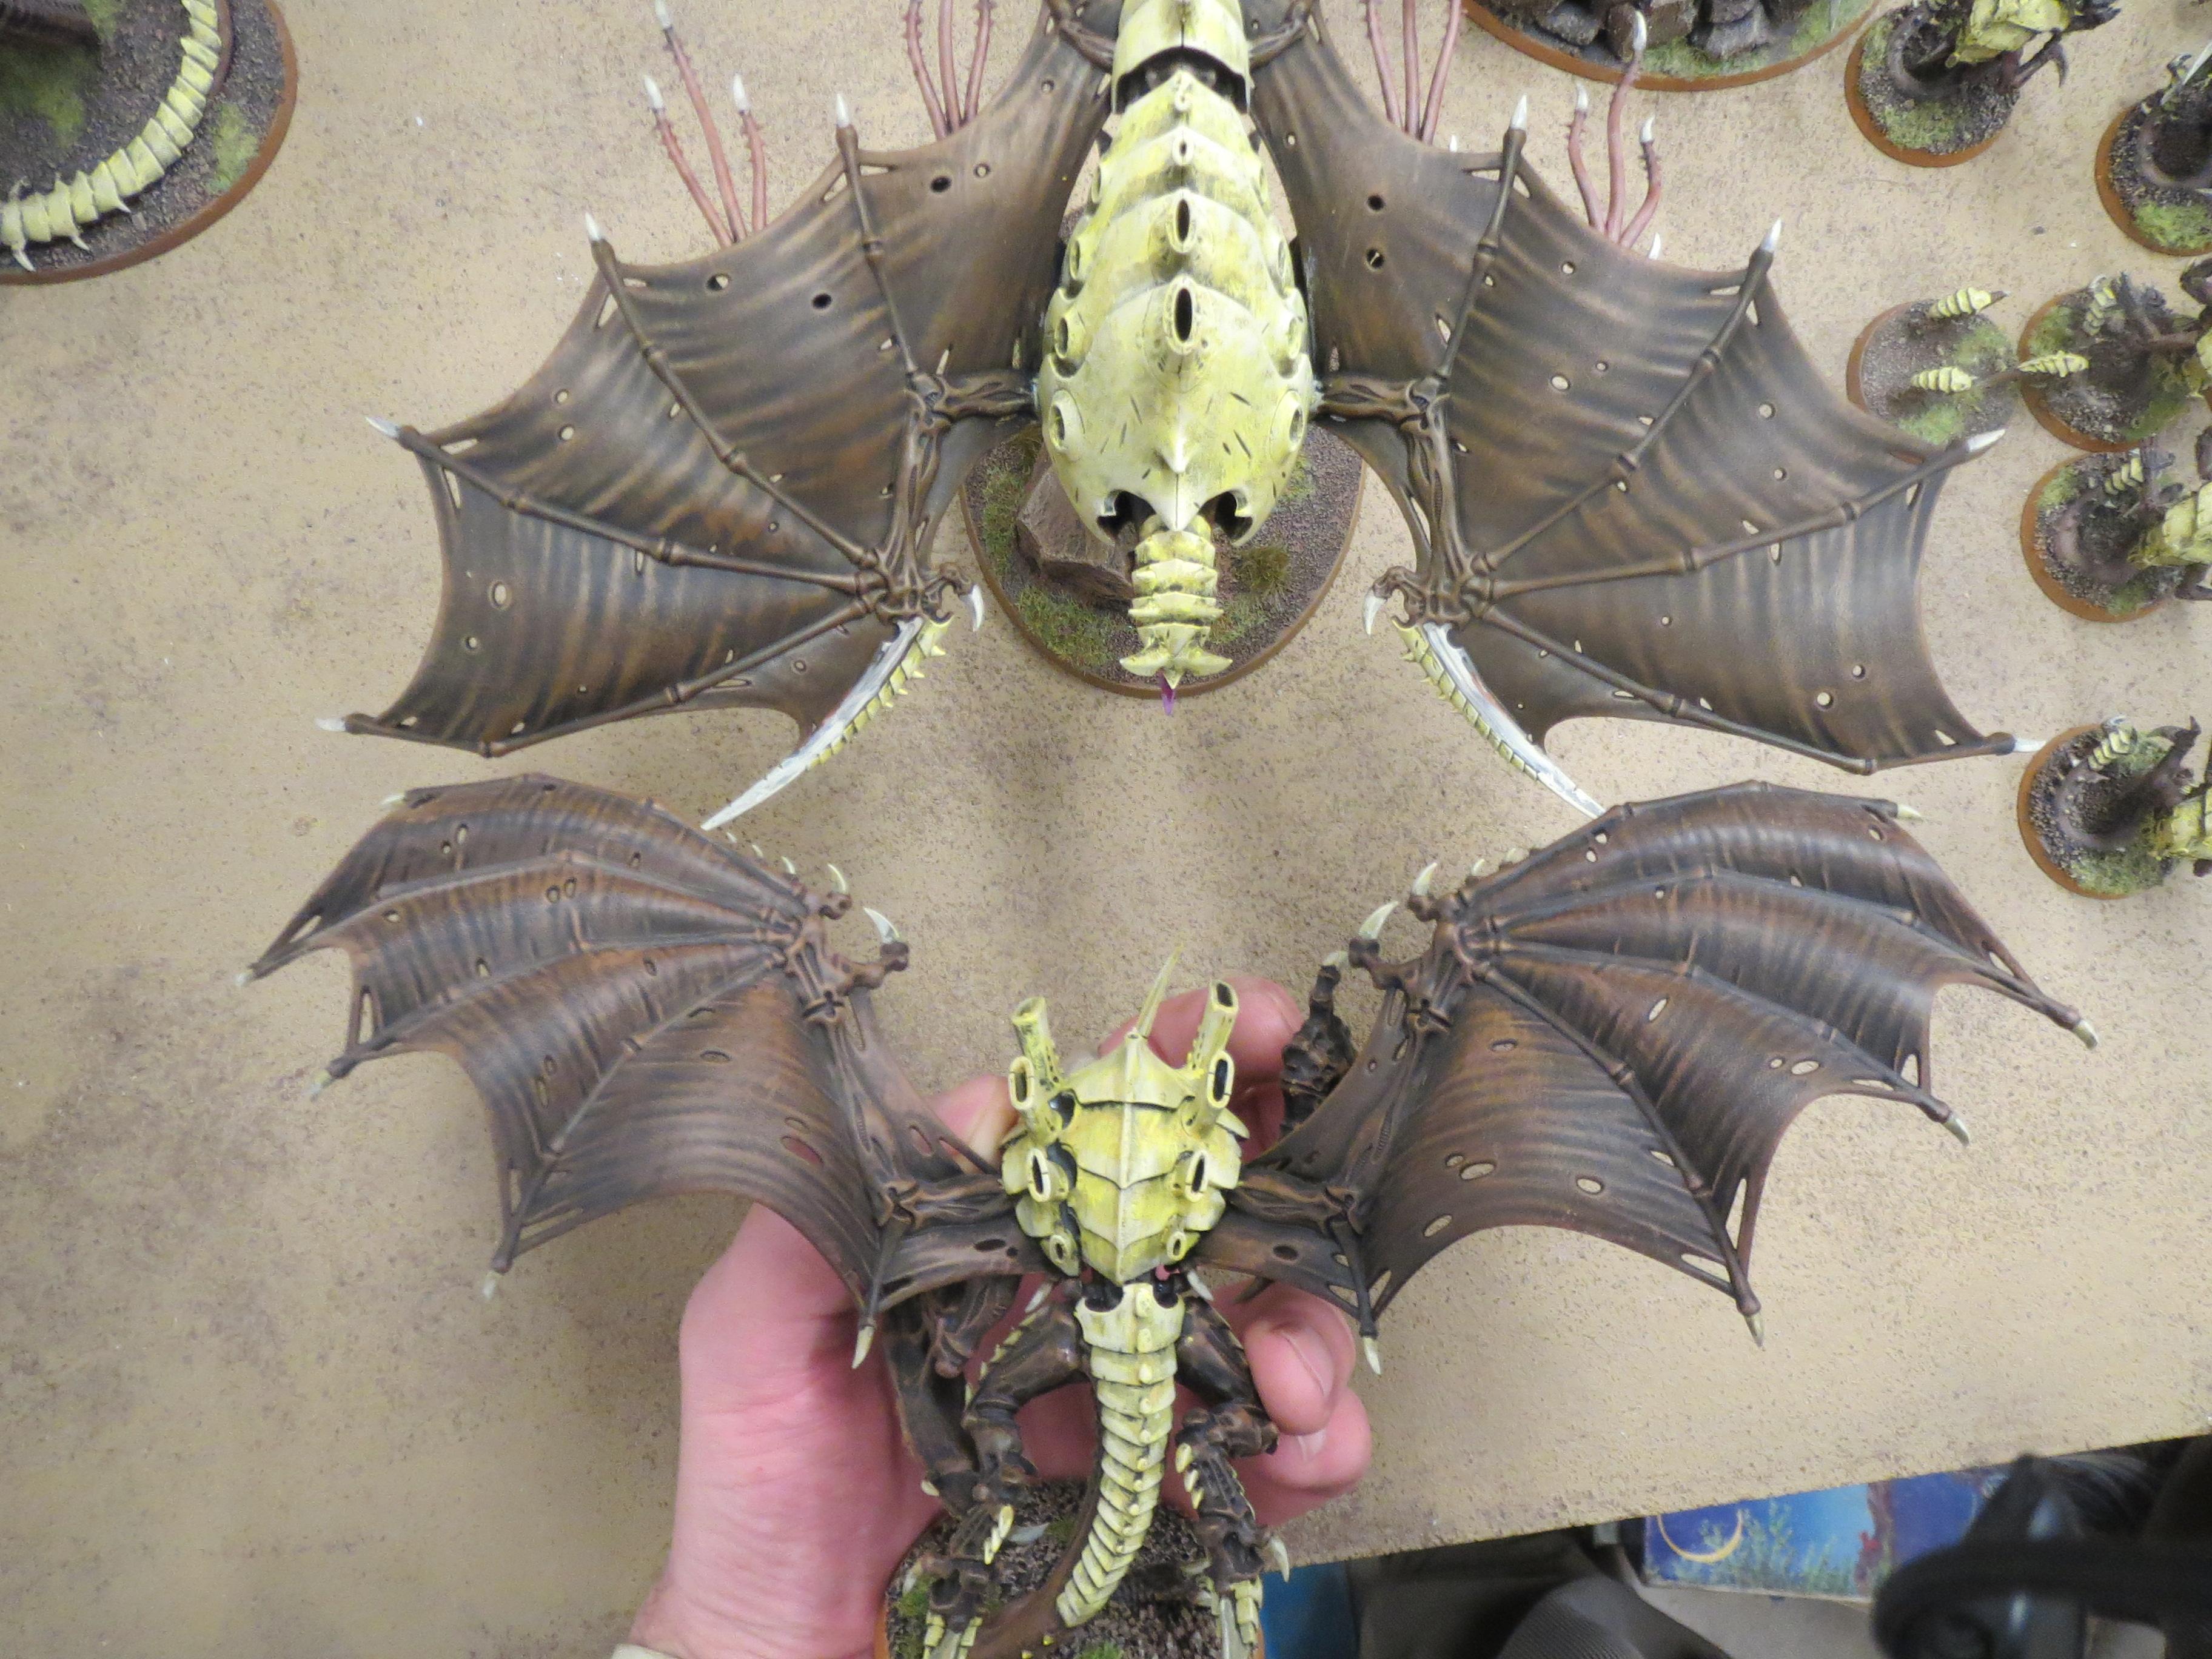 Drybrush, Hive Tyrant, Tyranids, Warhammer 40,000, Winged